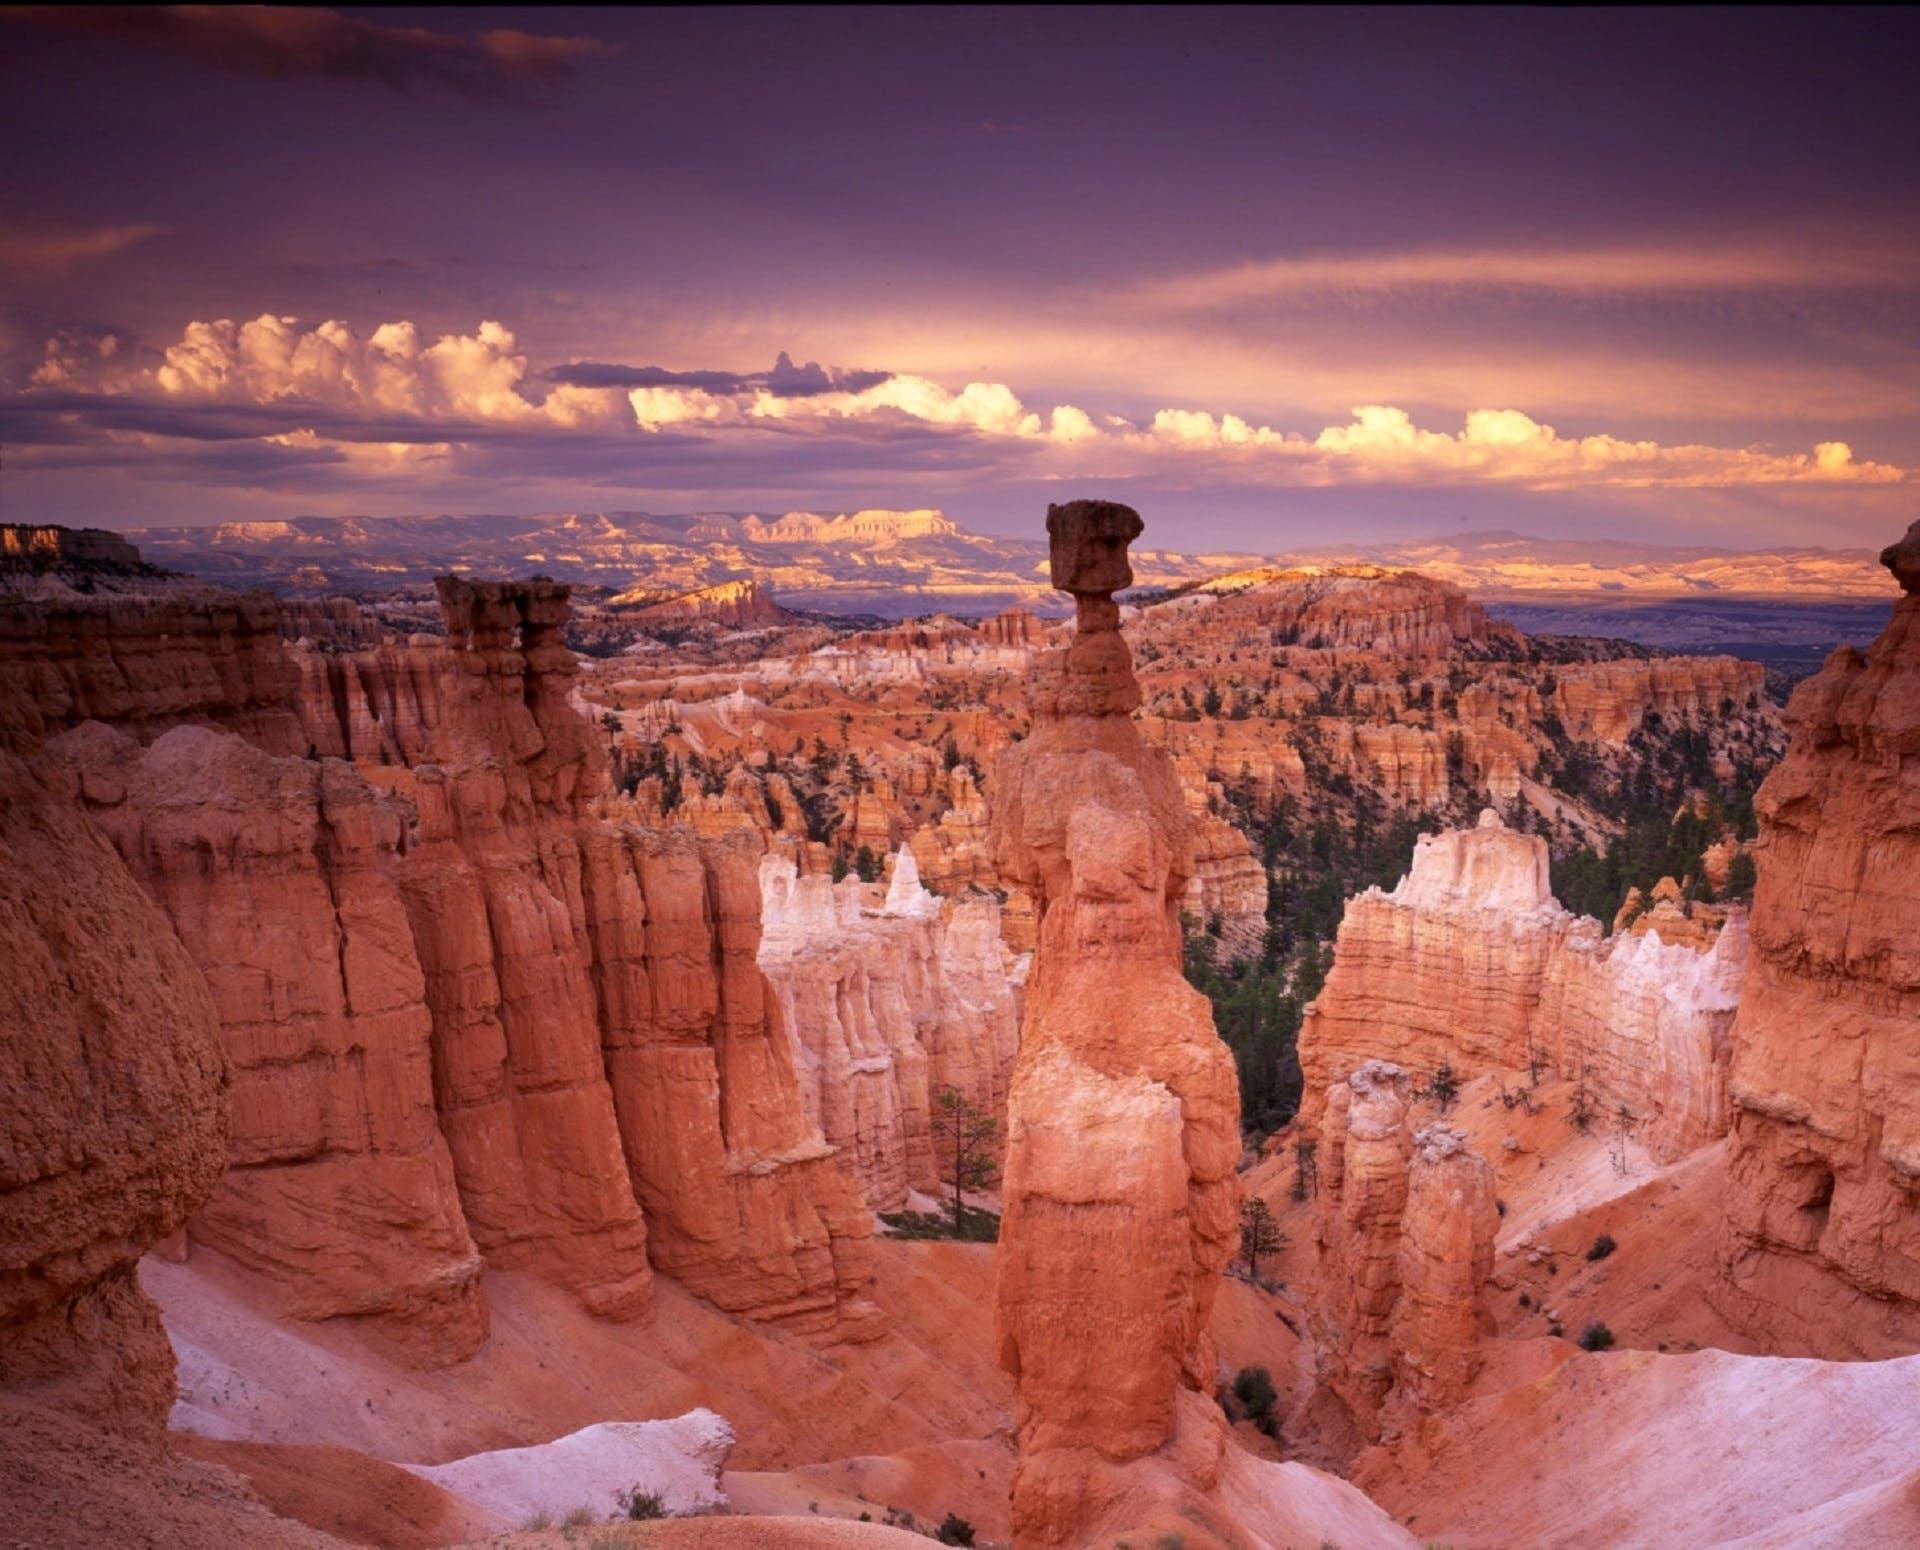 Kostenloses Stock Foto zu dämmerung, landschaft, sonnenuntergang, rot